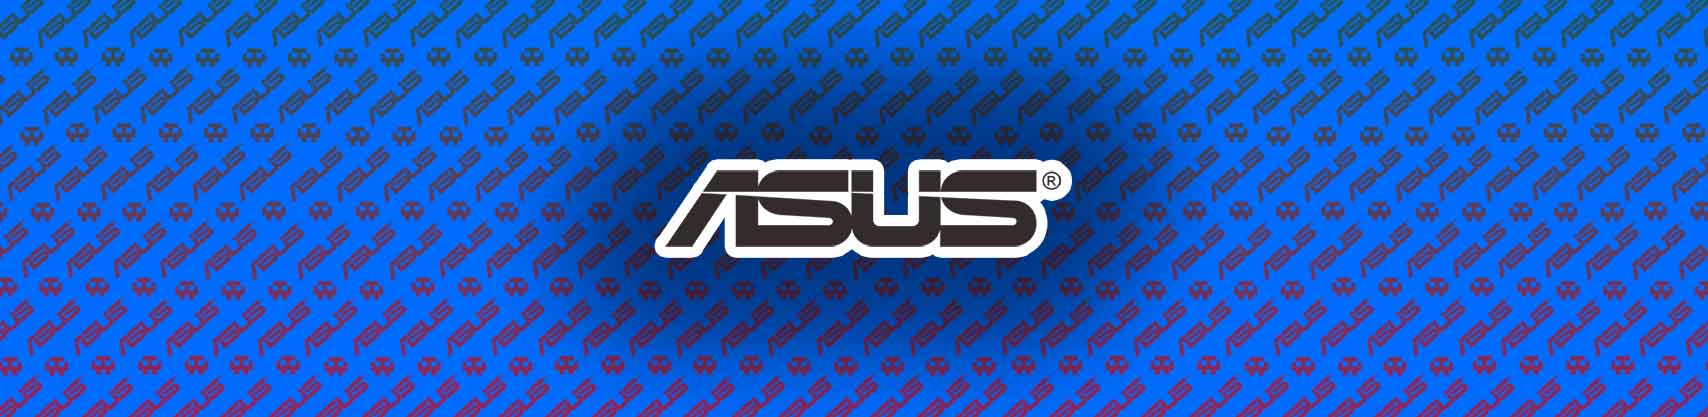 Asus RT-N12 Manual